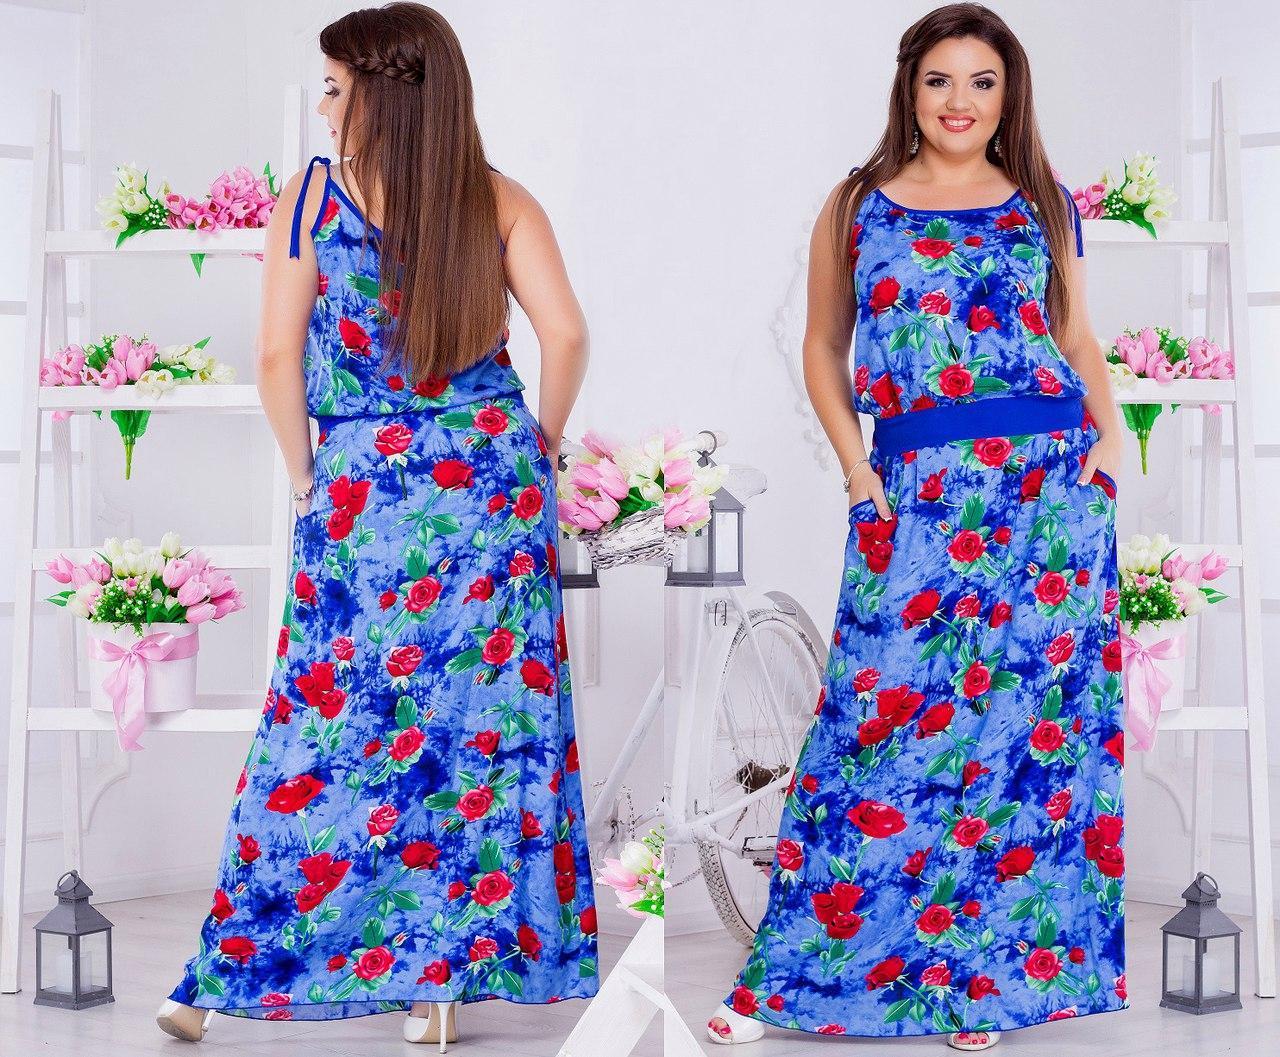 3b5c40356777c2d Легкое женское платье с карманами по бокам, на бретелях и в цветочный принт.  -